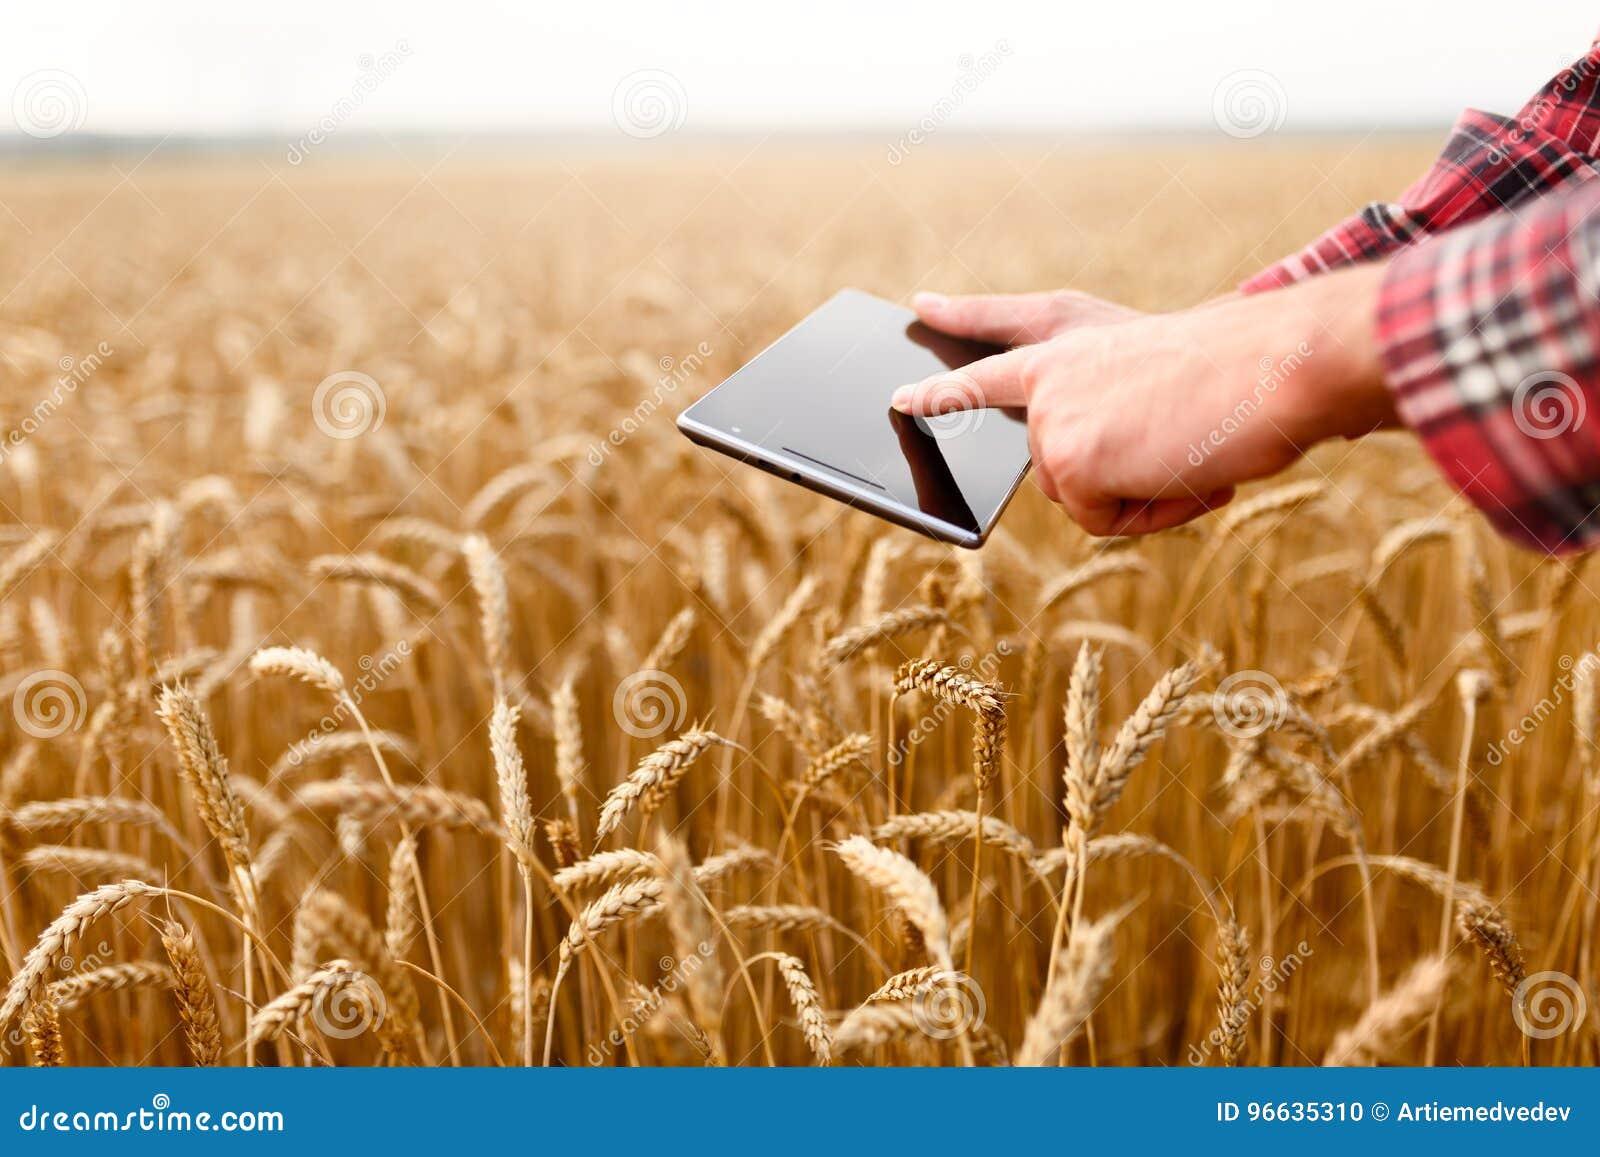 Έξυπνες χρησιμοποιώντας σύγχρονες τεχνολογίες καλλιέργειας στη γεωργία Αφές και ισχυρά κτυπήματα αγροτών γεωπόνων ατόμων app σε ψ